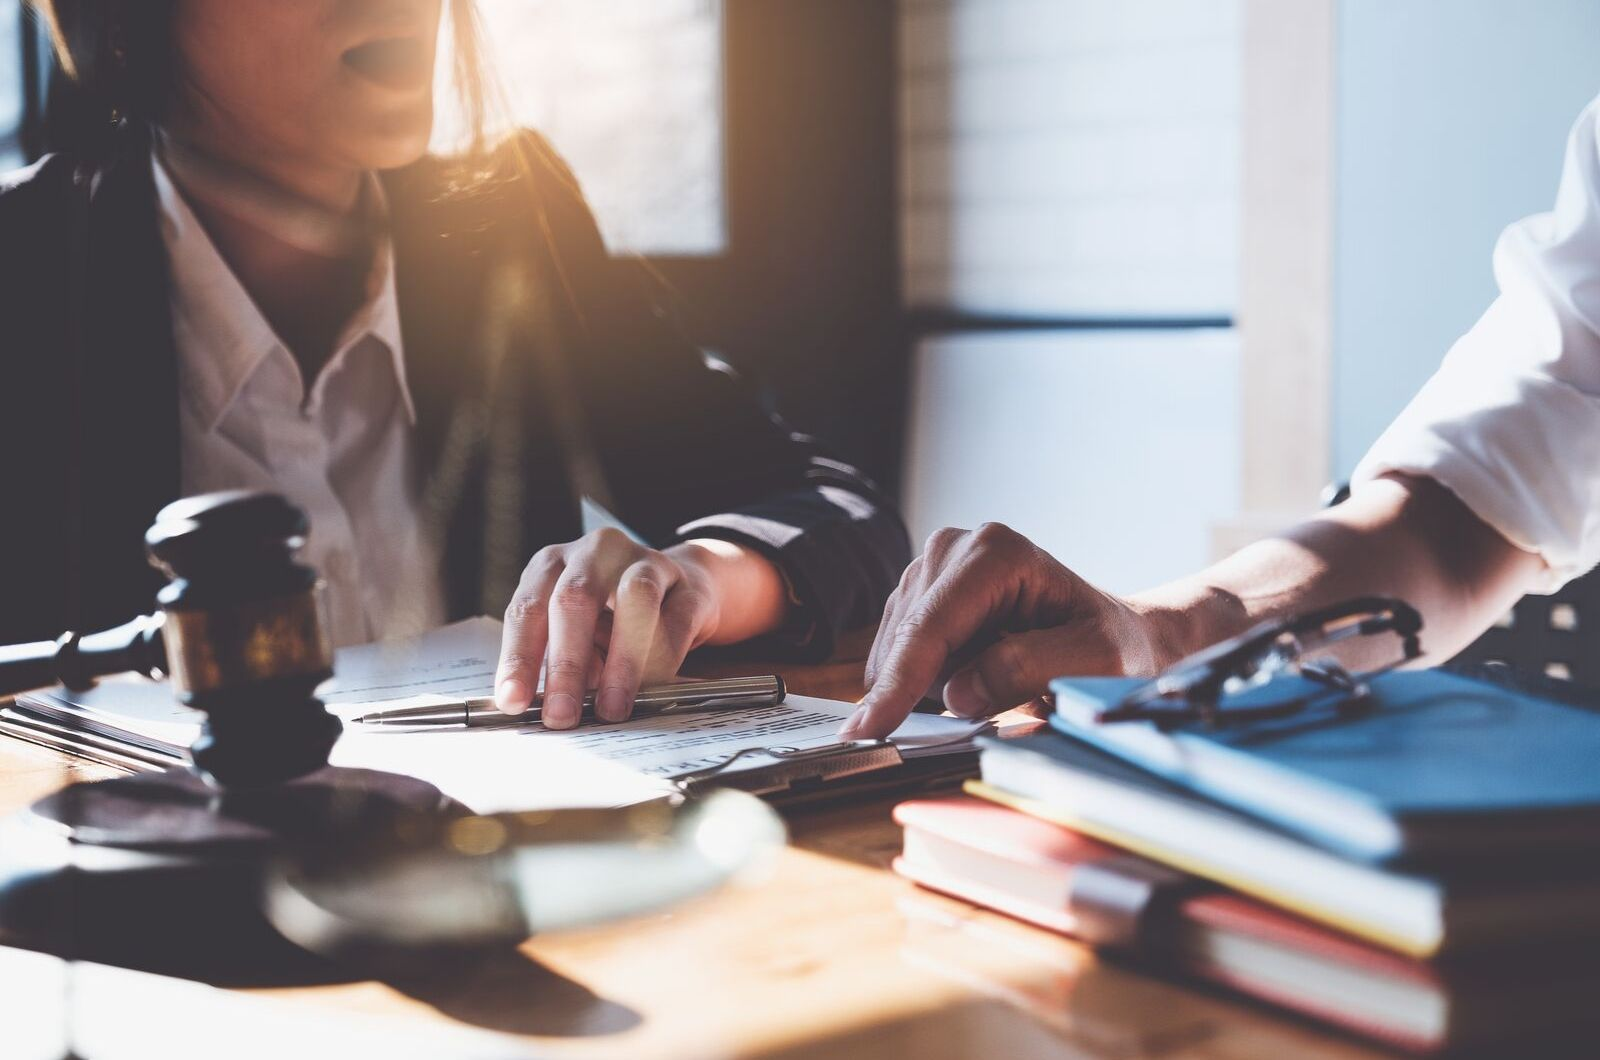 【第22回】投資に失敗したら自分の頭と常識で考えず、専門家のアドバイスを得よう